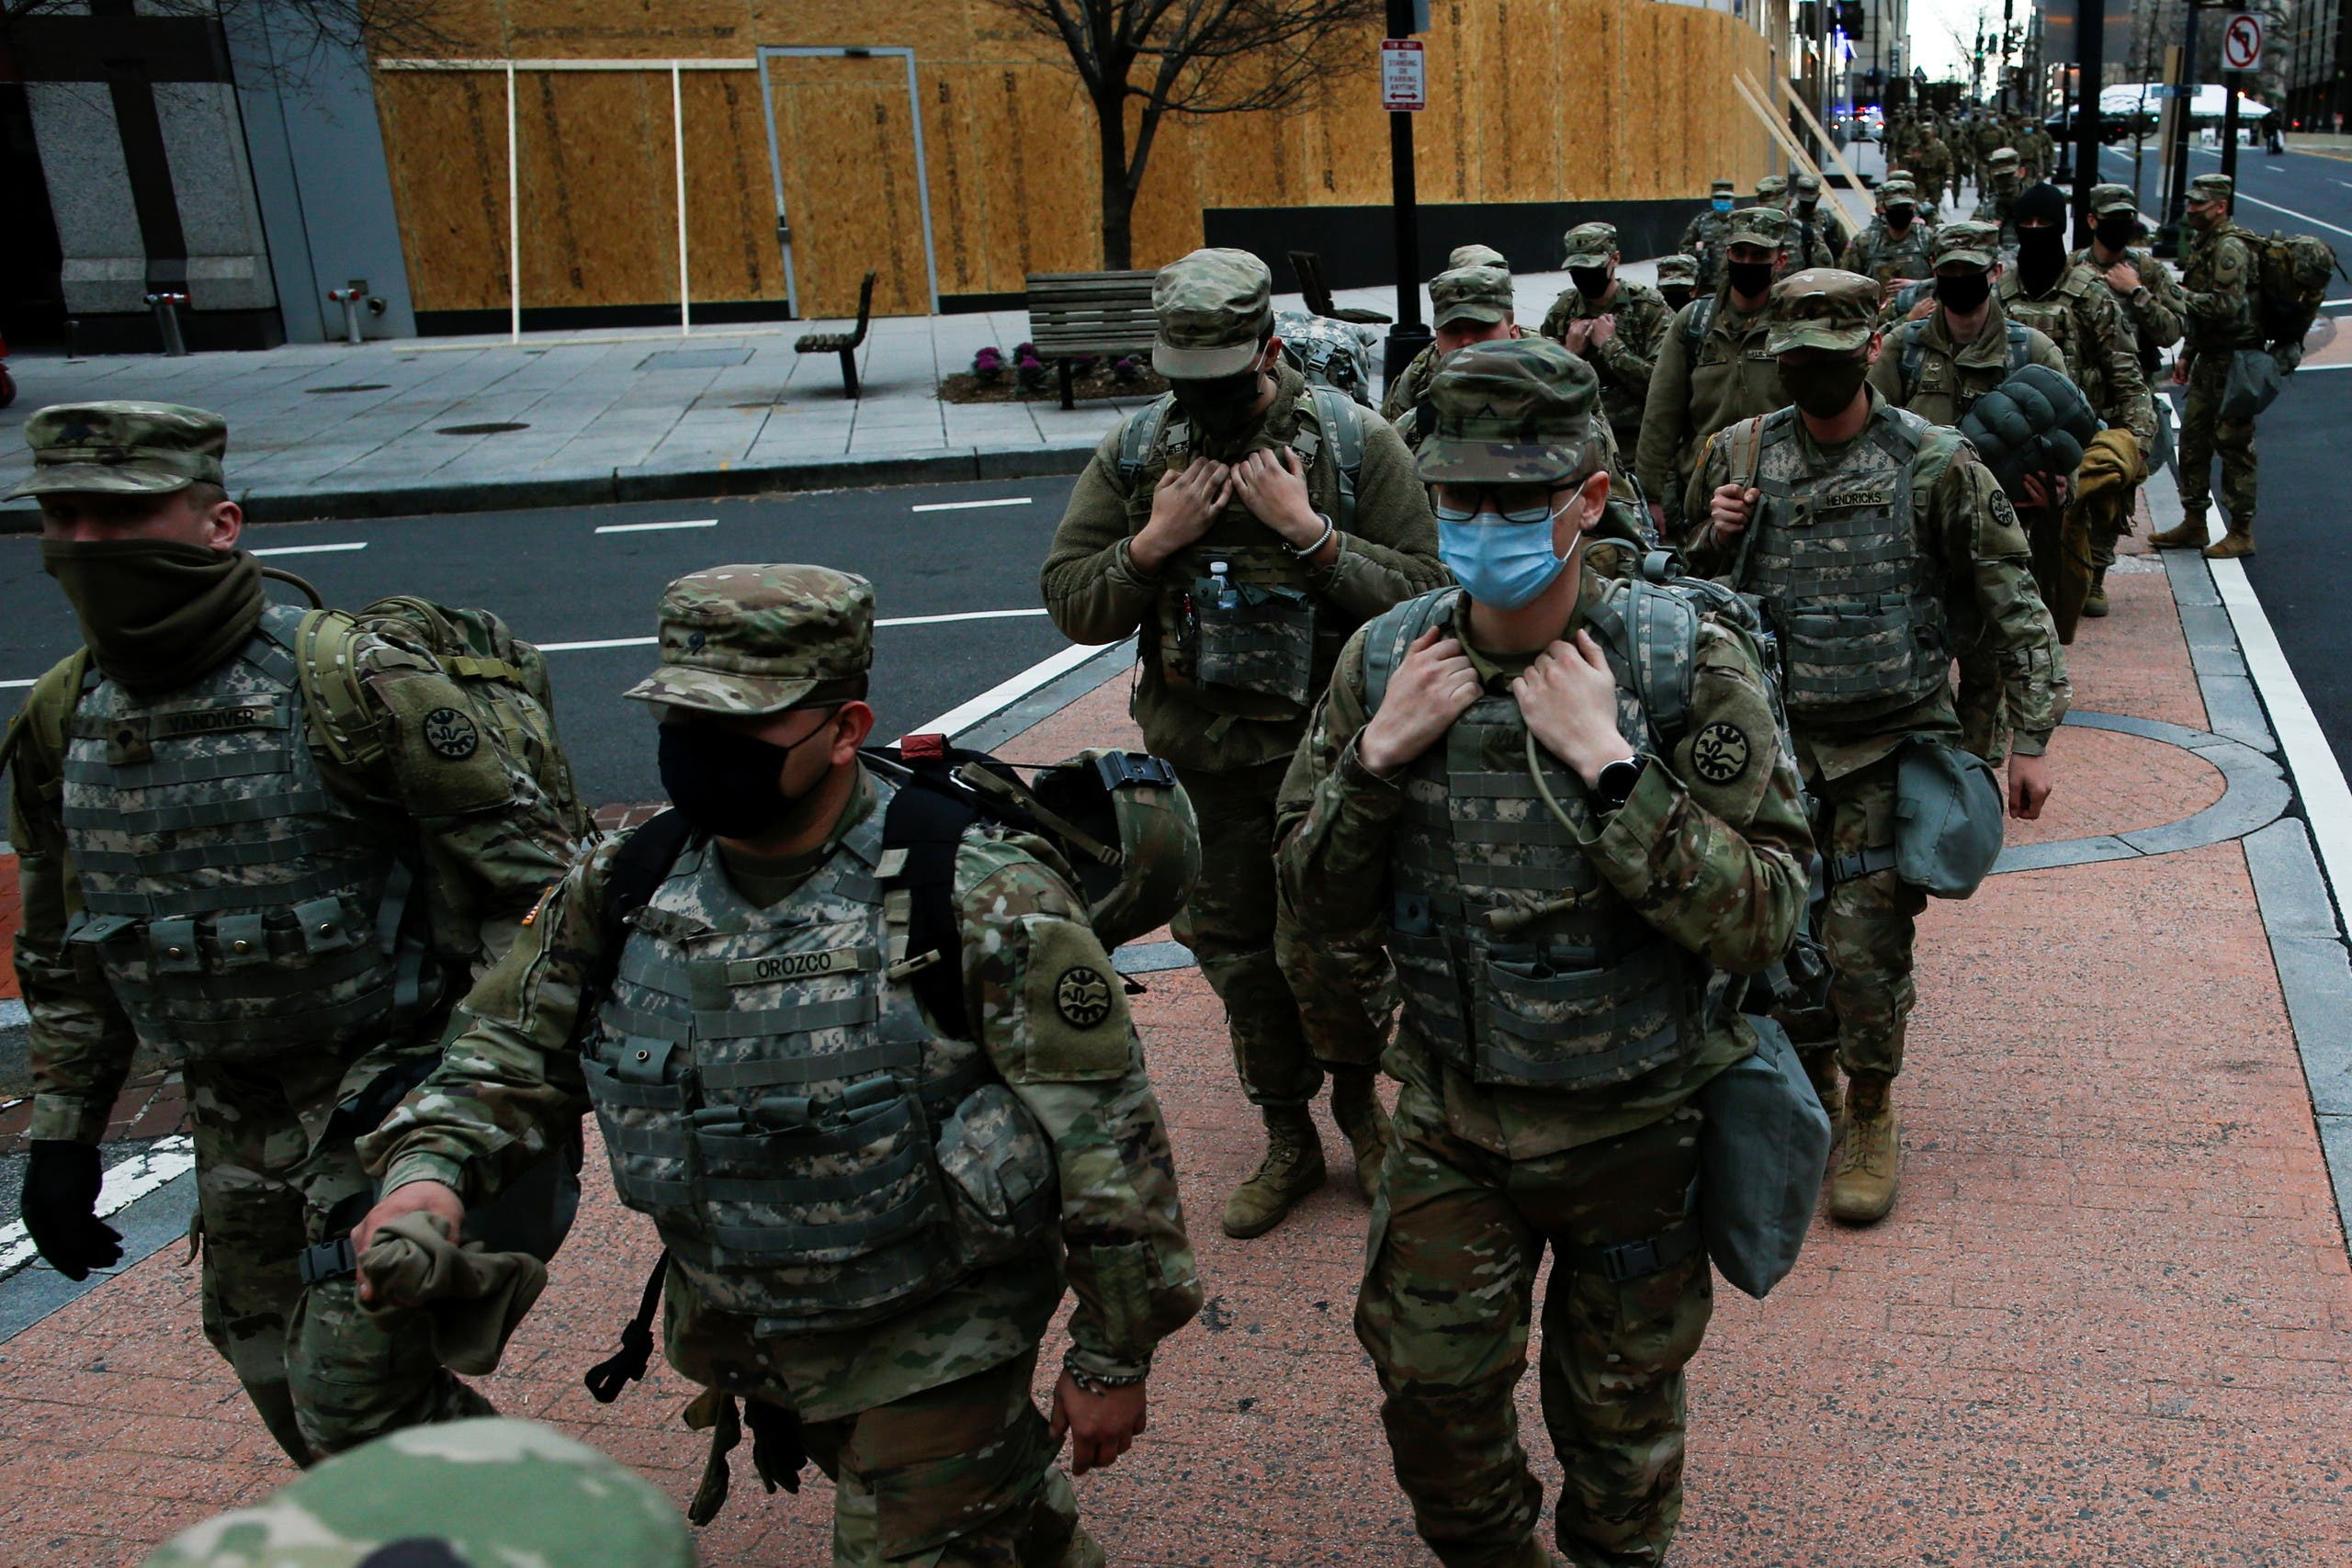 الحرس الوطني في واشنطن استعدادا ليوم تنصيب بايدن (أرشيفية رويترز )